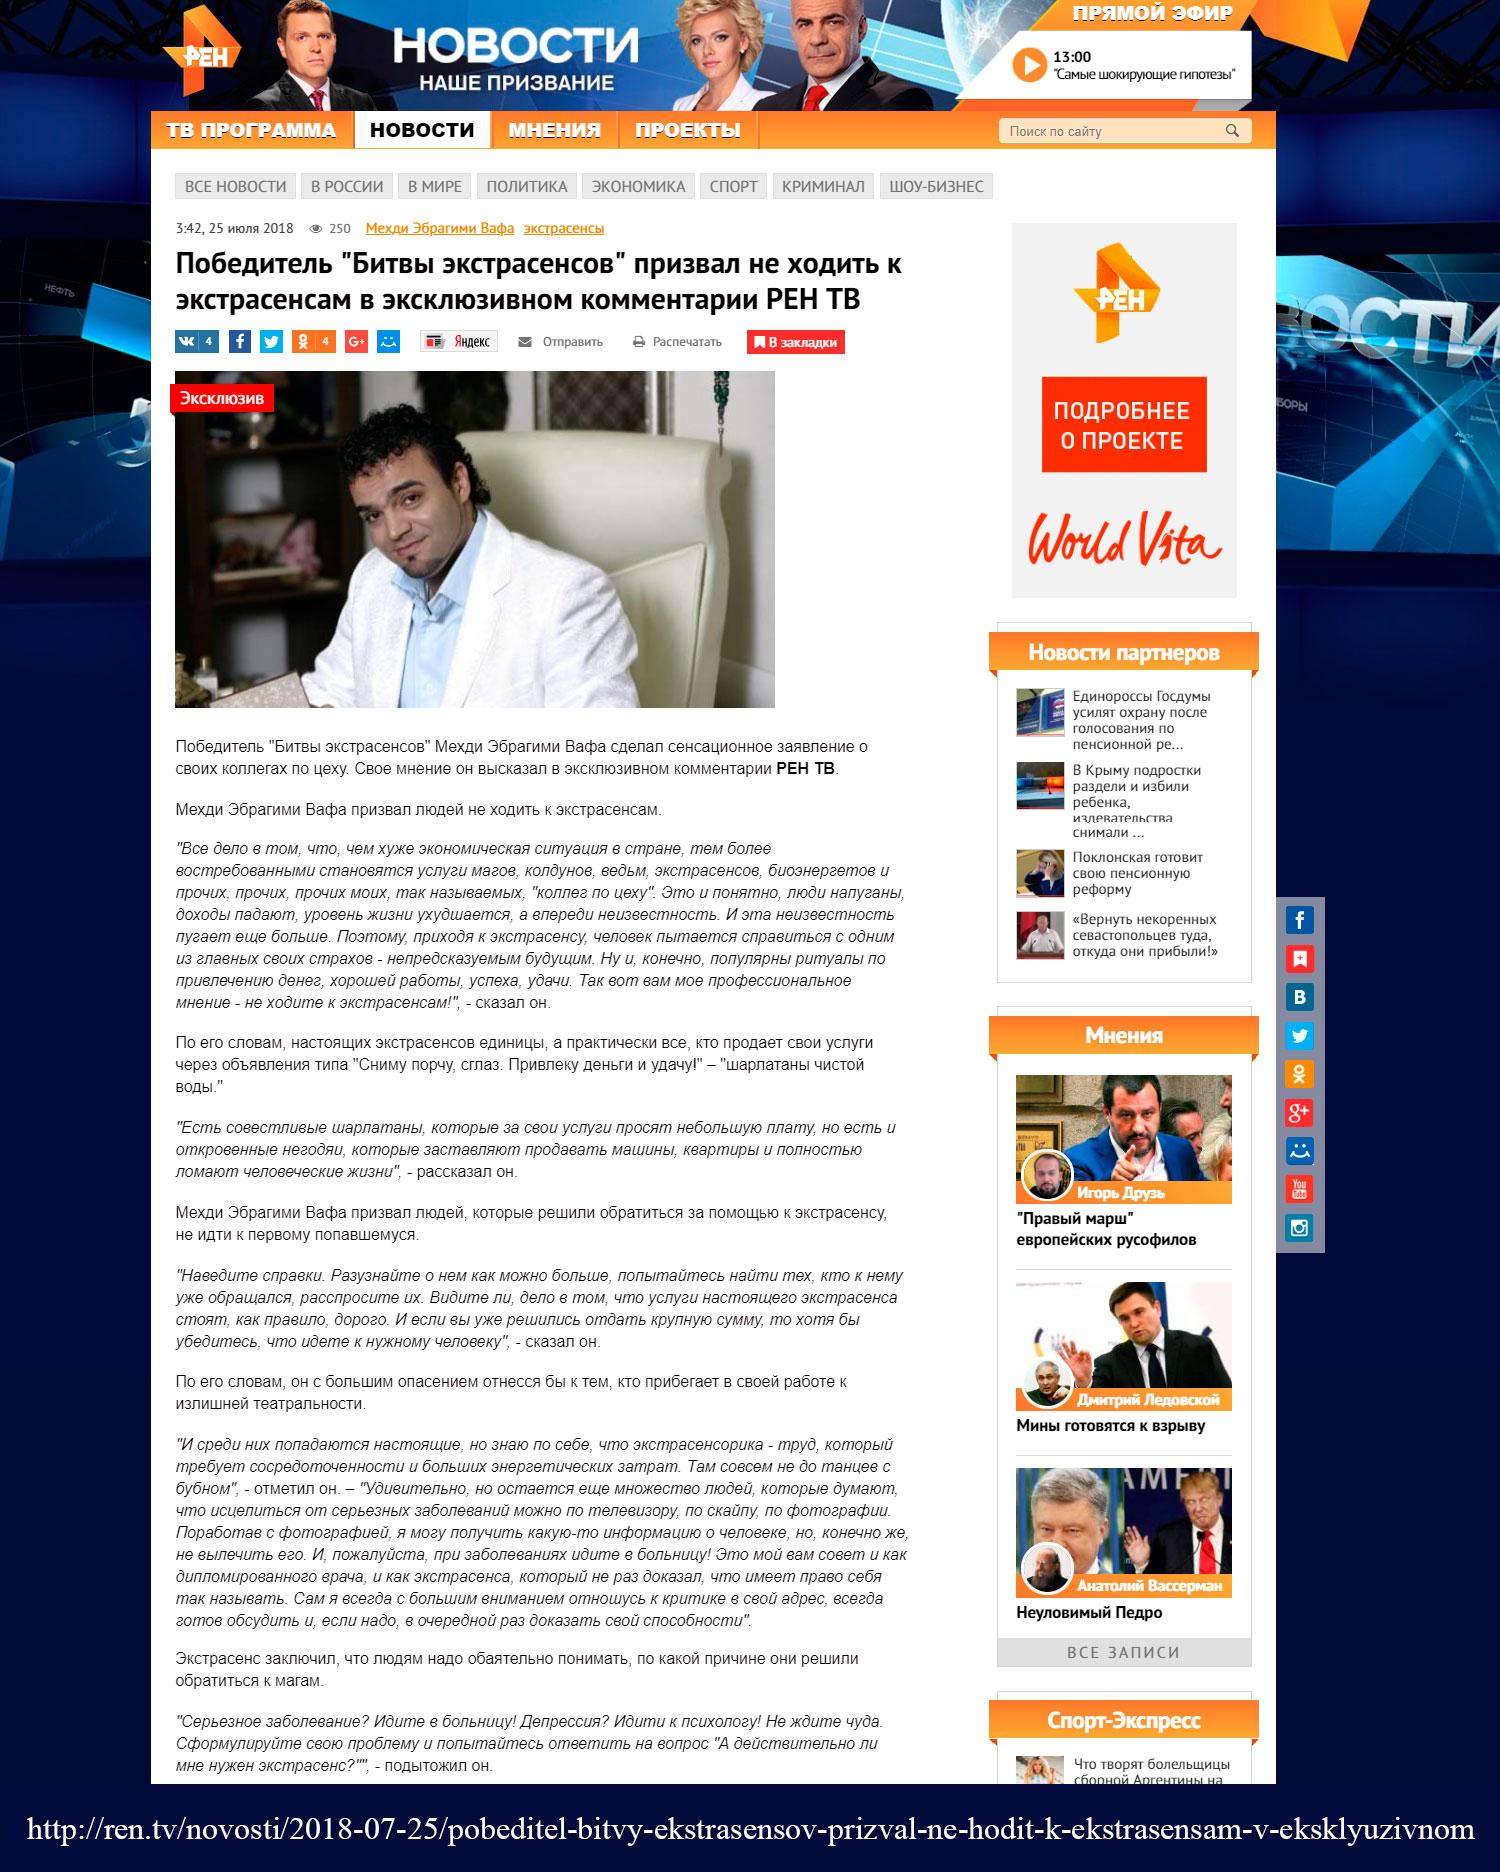 Победитель Битвы экстрасенсов призвал не ходить к экстрасенсам в эксклюзивном комментарии РЕН ТВ